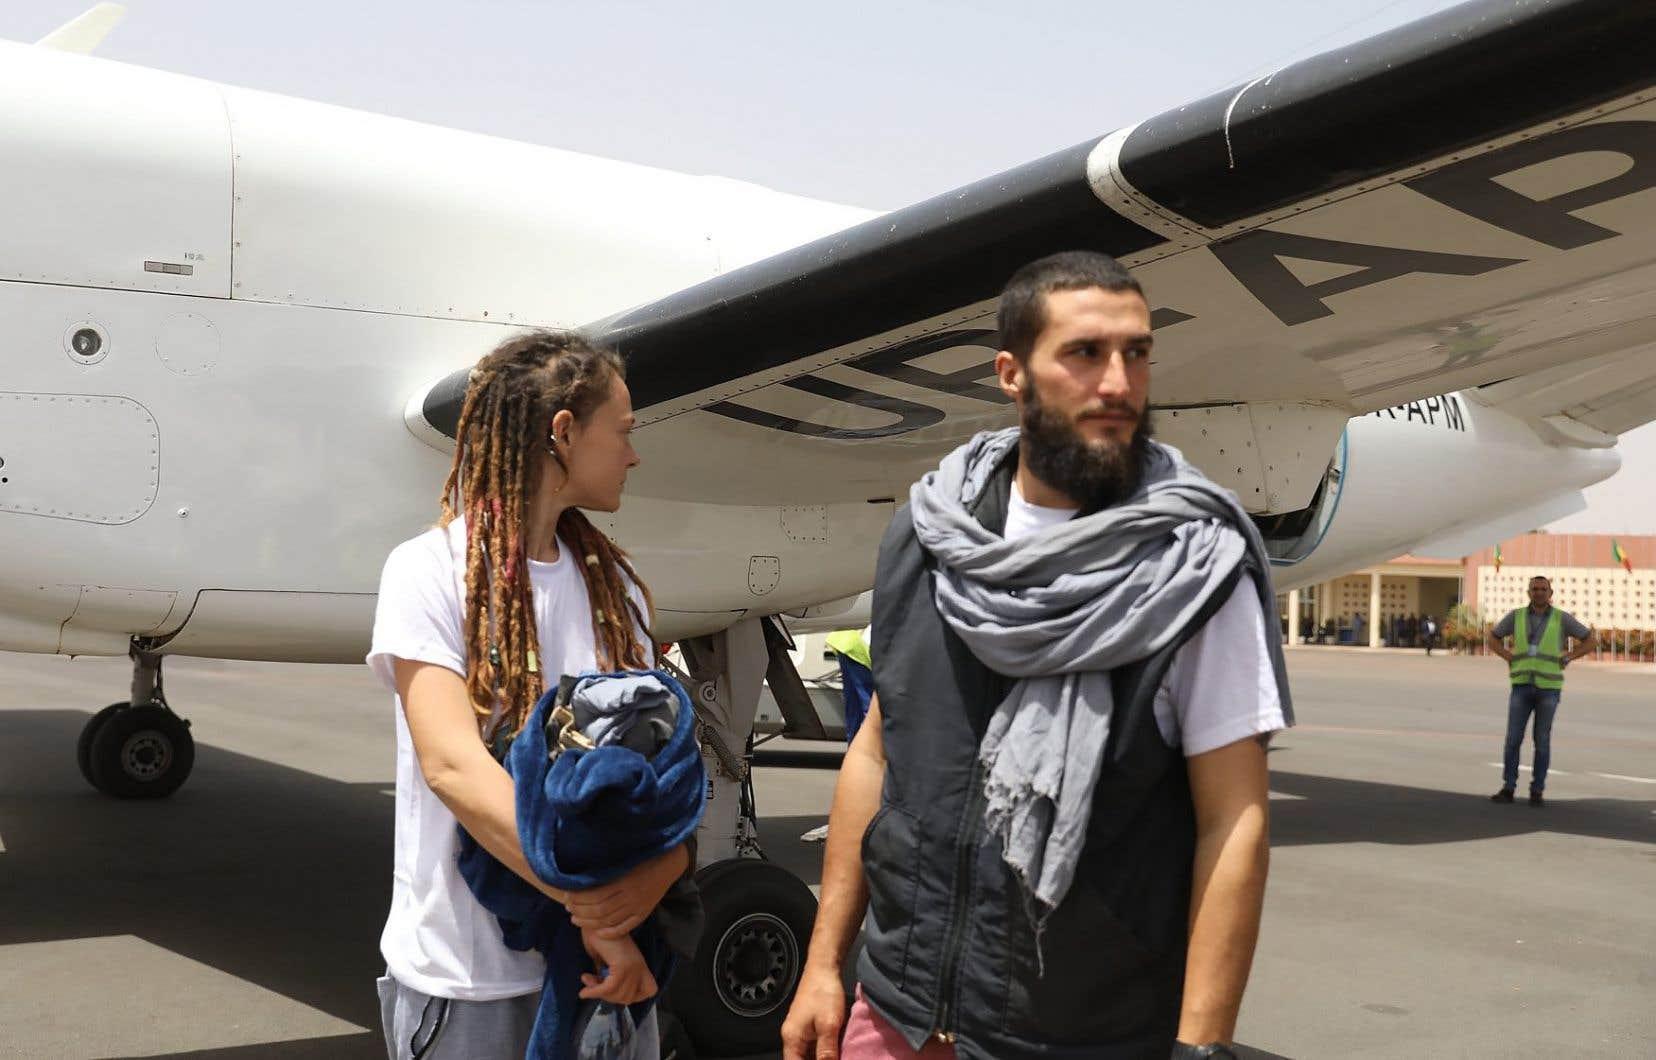 Samedi matin, les deux ex-otages ont été transportés par un avion officiel de l'ONU jusqu'à Bamako, la capitale du Mali.